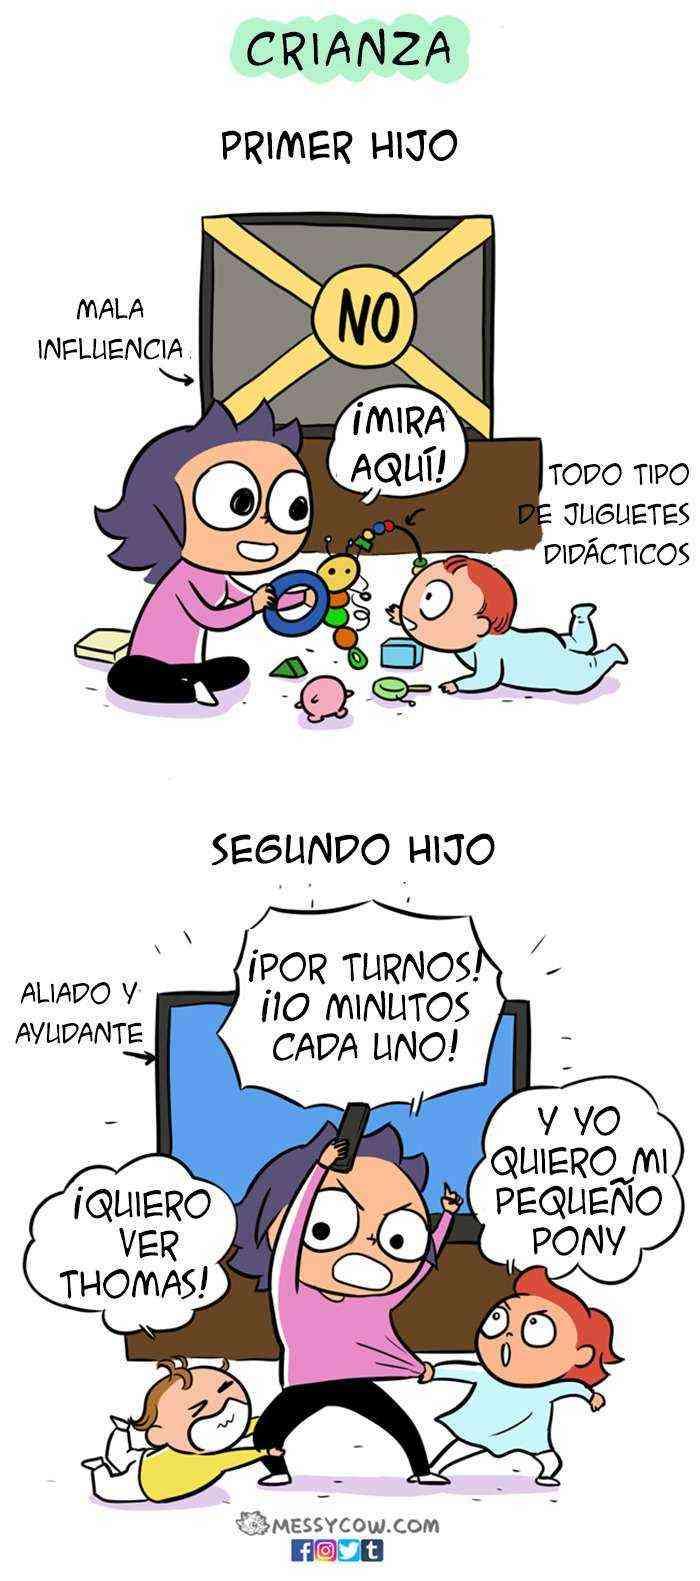 1521224193 769 16 comics divertidos y honestos que muestran la diferencia entre tener el primer y el segundo hijo - 16 Cómics divertidos y honestos que muestran la diferencia entre tener el primer y el segundo hijo